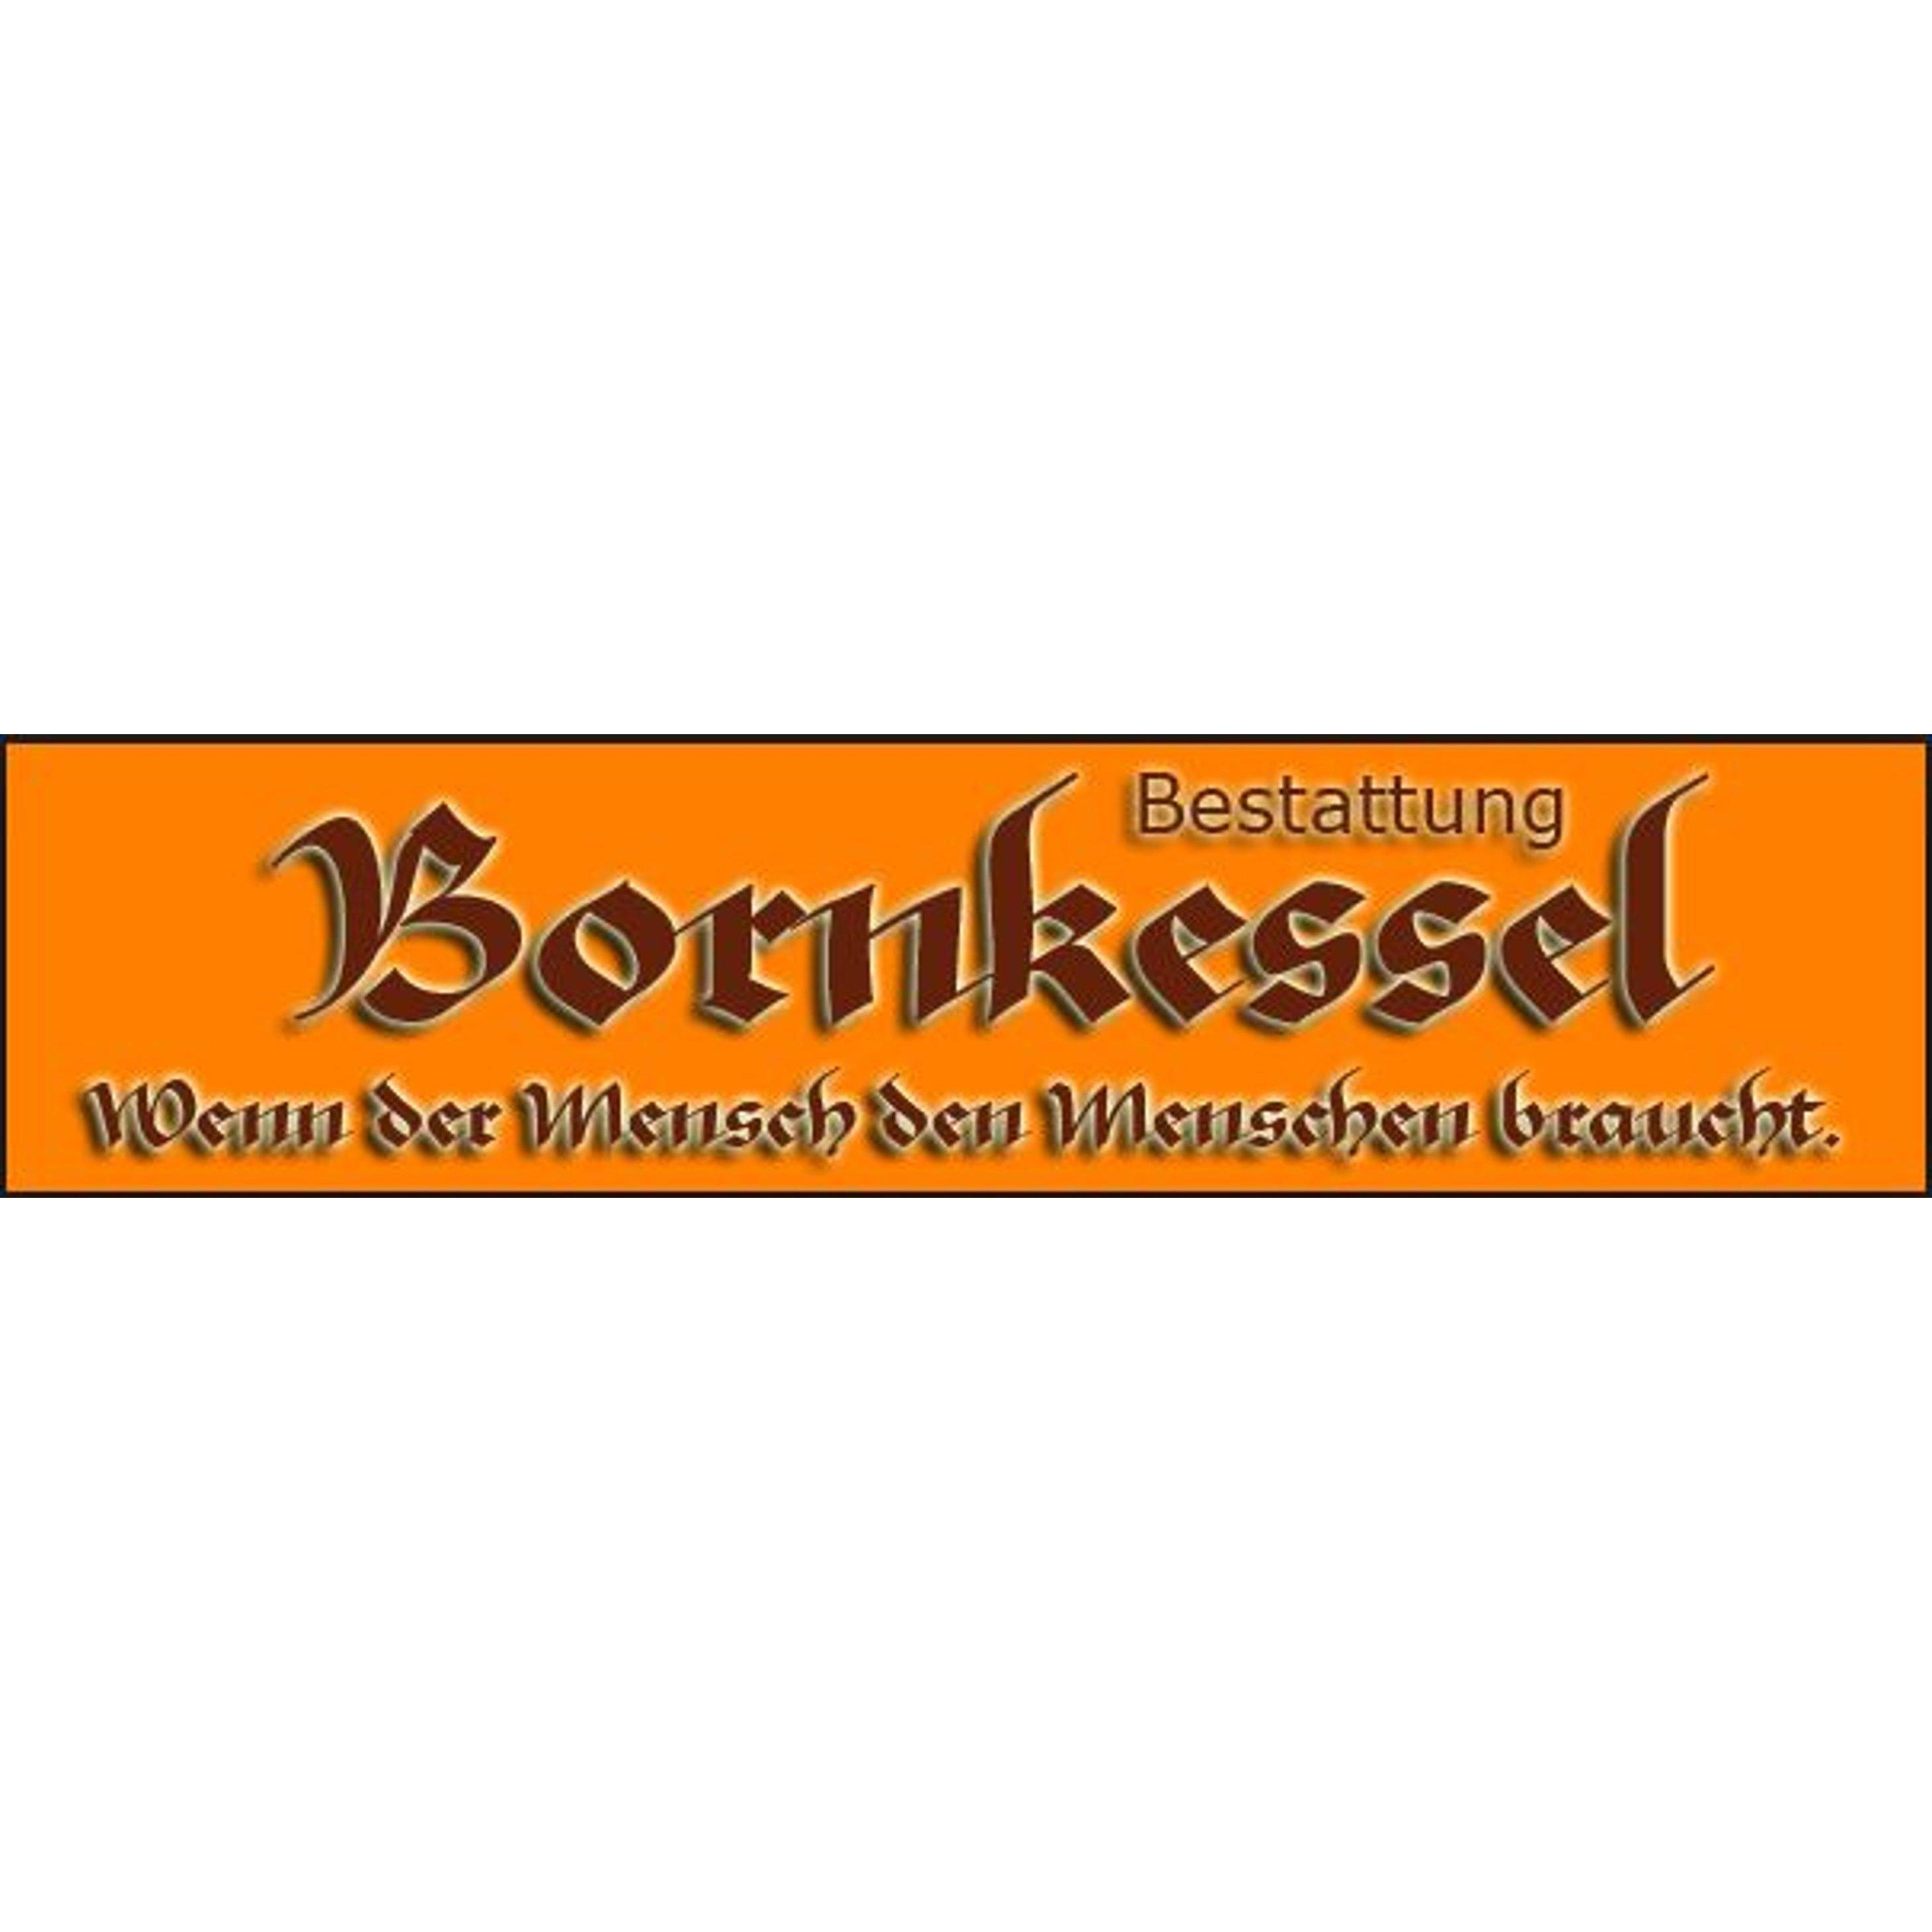 Bestattungsinstitut Bornkessel